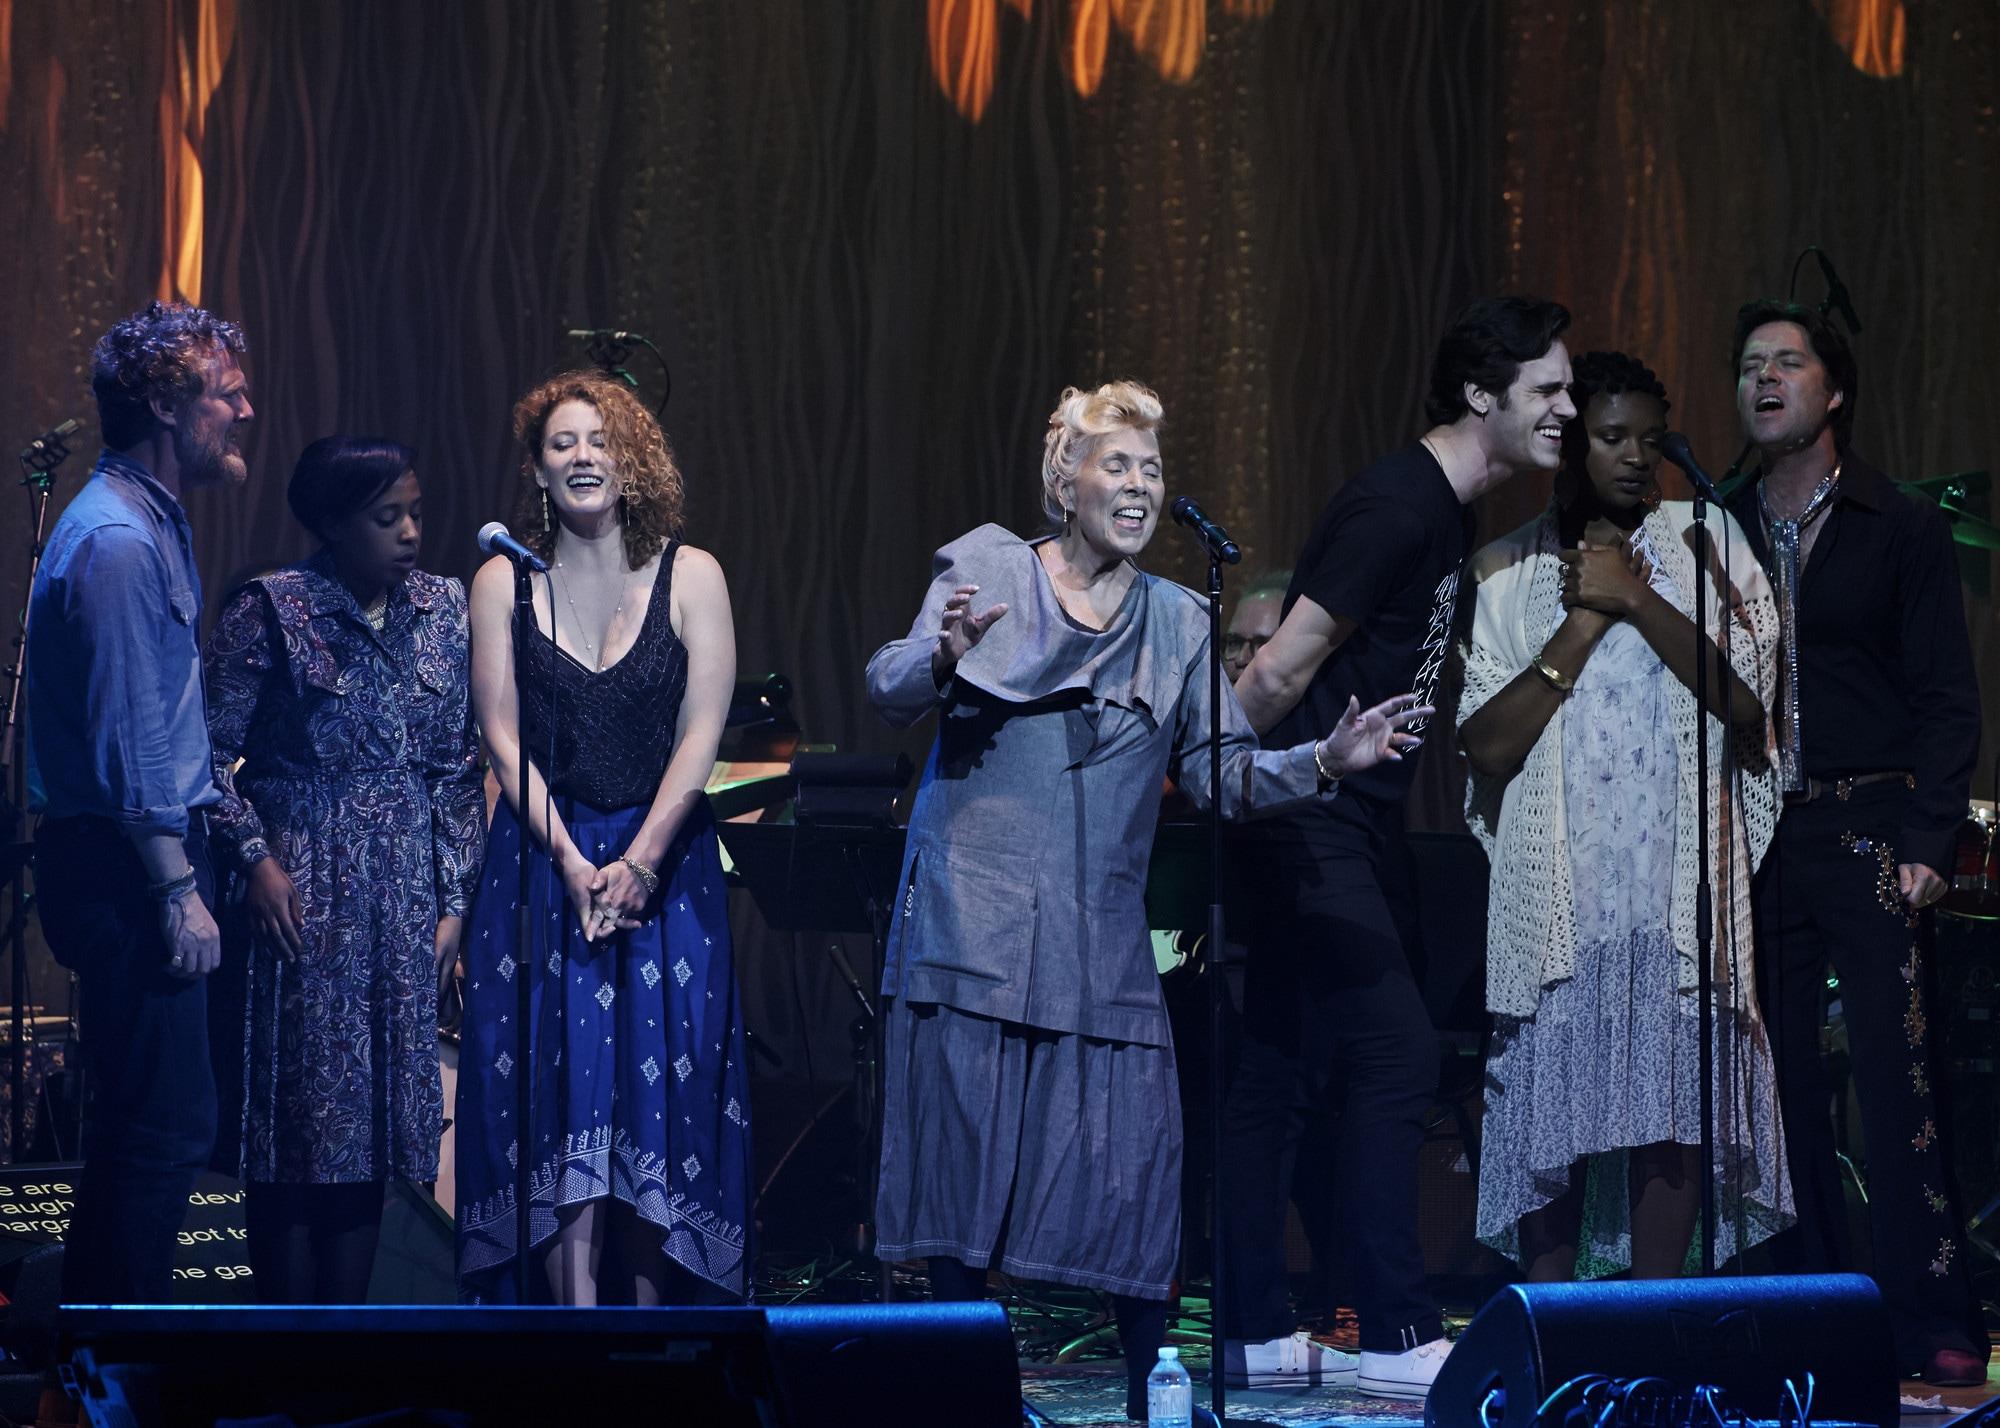 Sept interprètes sur scène, dont JoniMitchell au centre chantant les yeux fermés, vêtue d'une robe mauve pâle. Deux groupes de trois interprètes partagent un microphone sur pied de chaque côté d'elle.